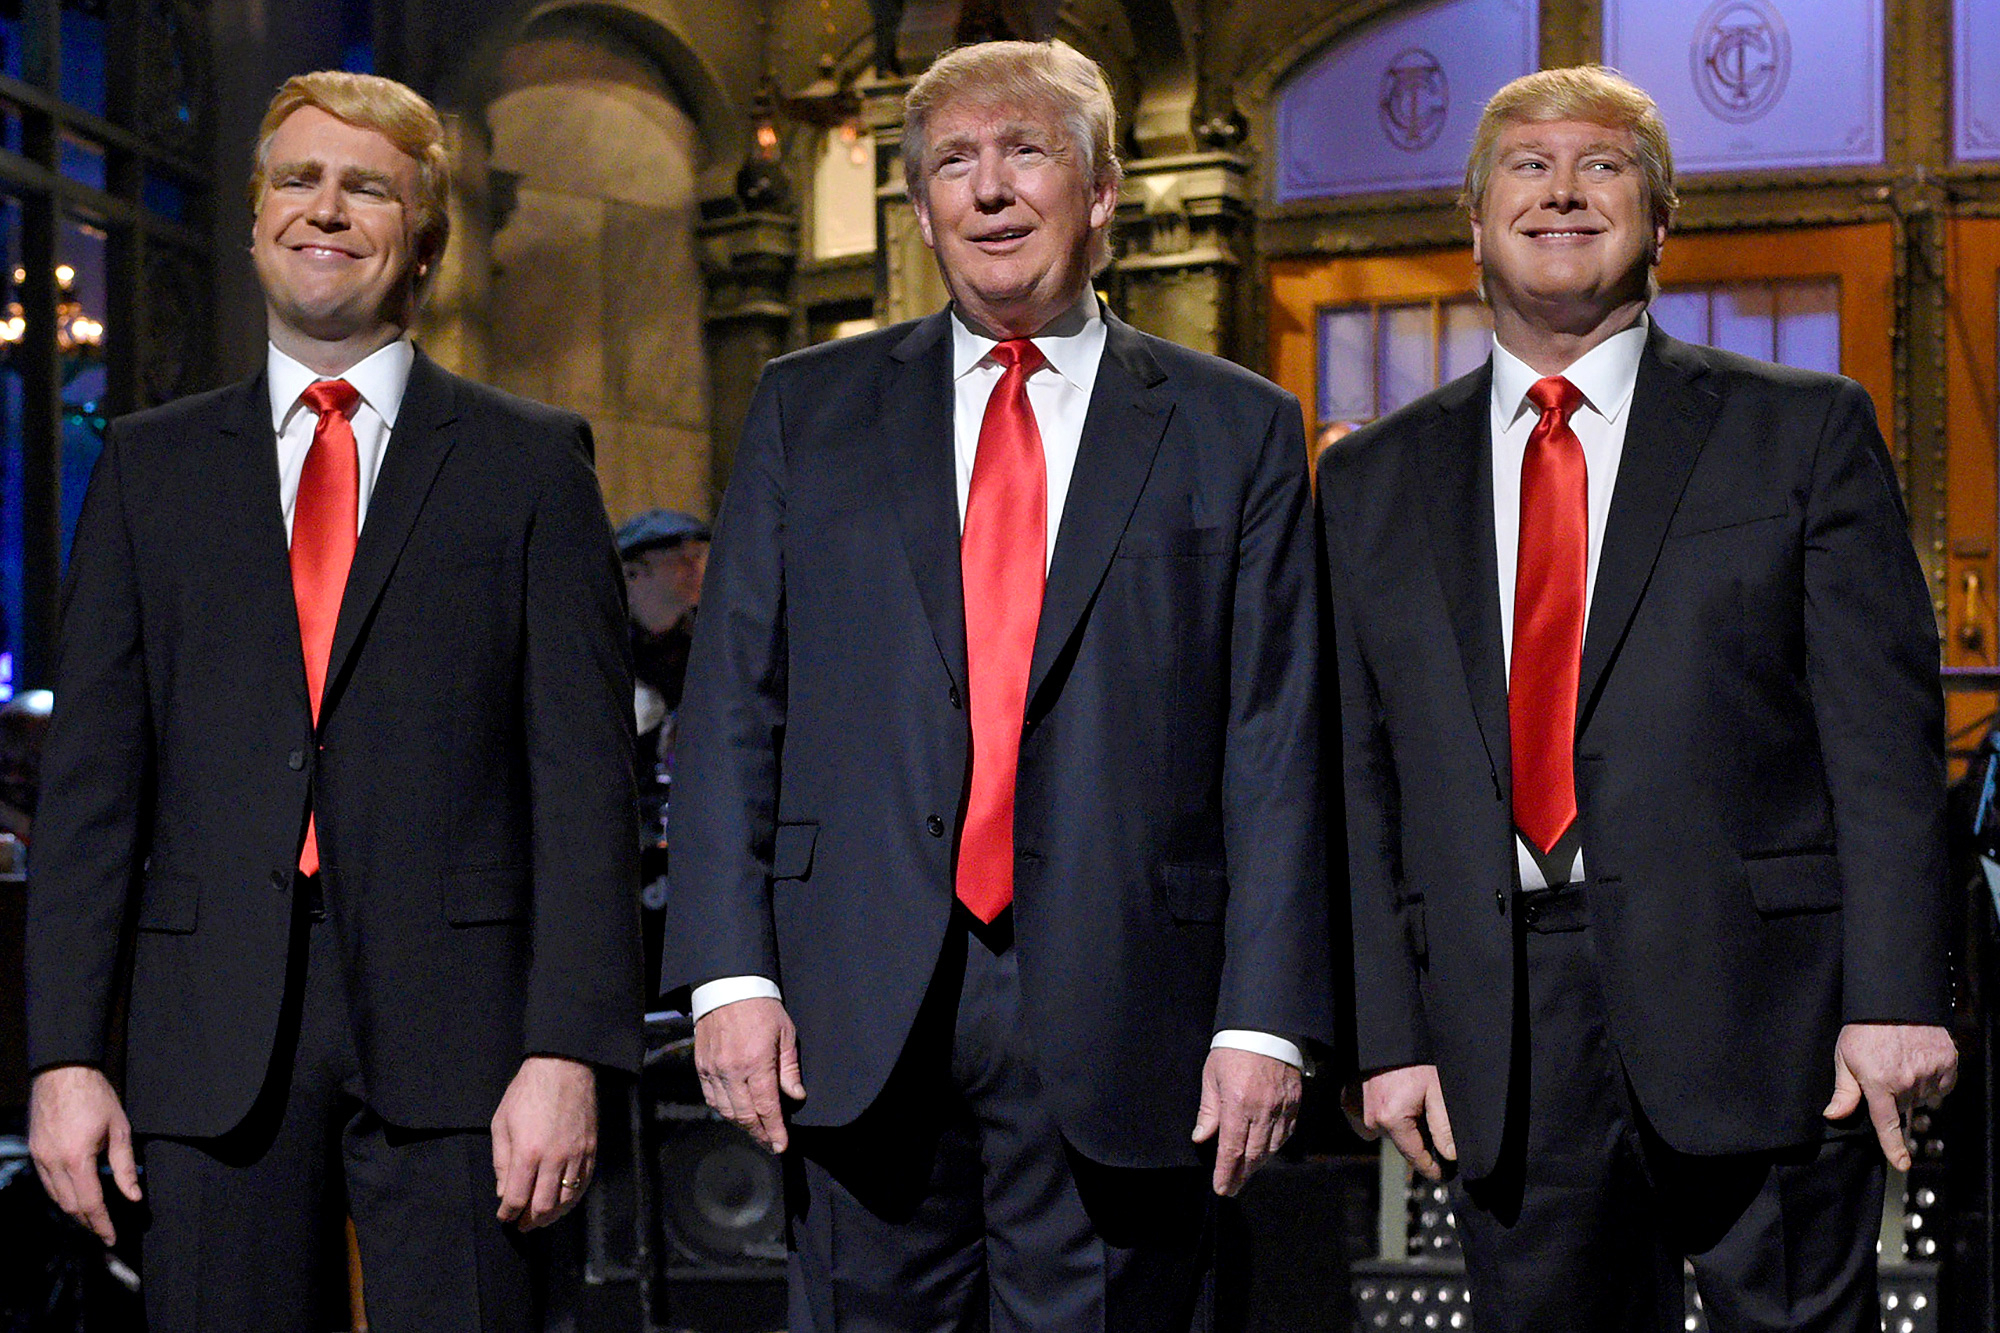 Taran Killam, Donald Trump and Darrell Hammond